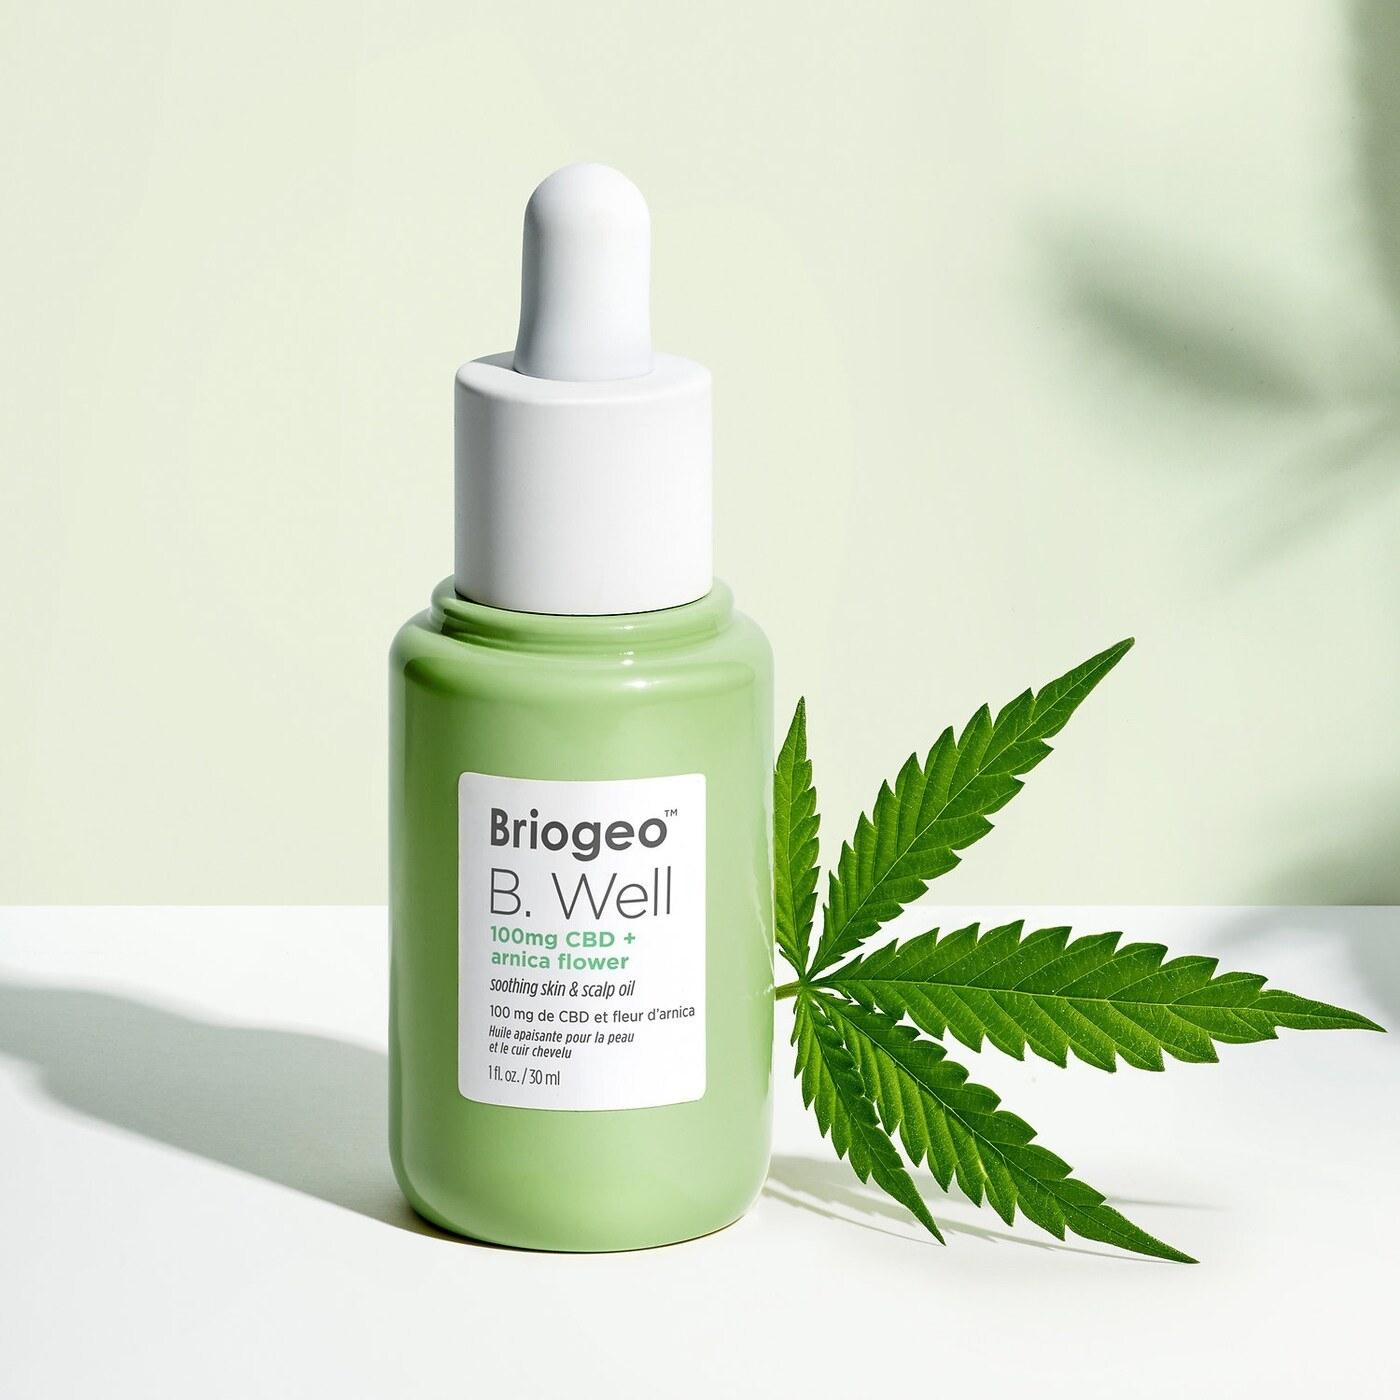 a bottle of briogeo b well CBD oil